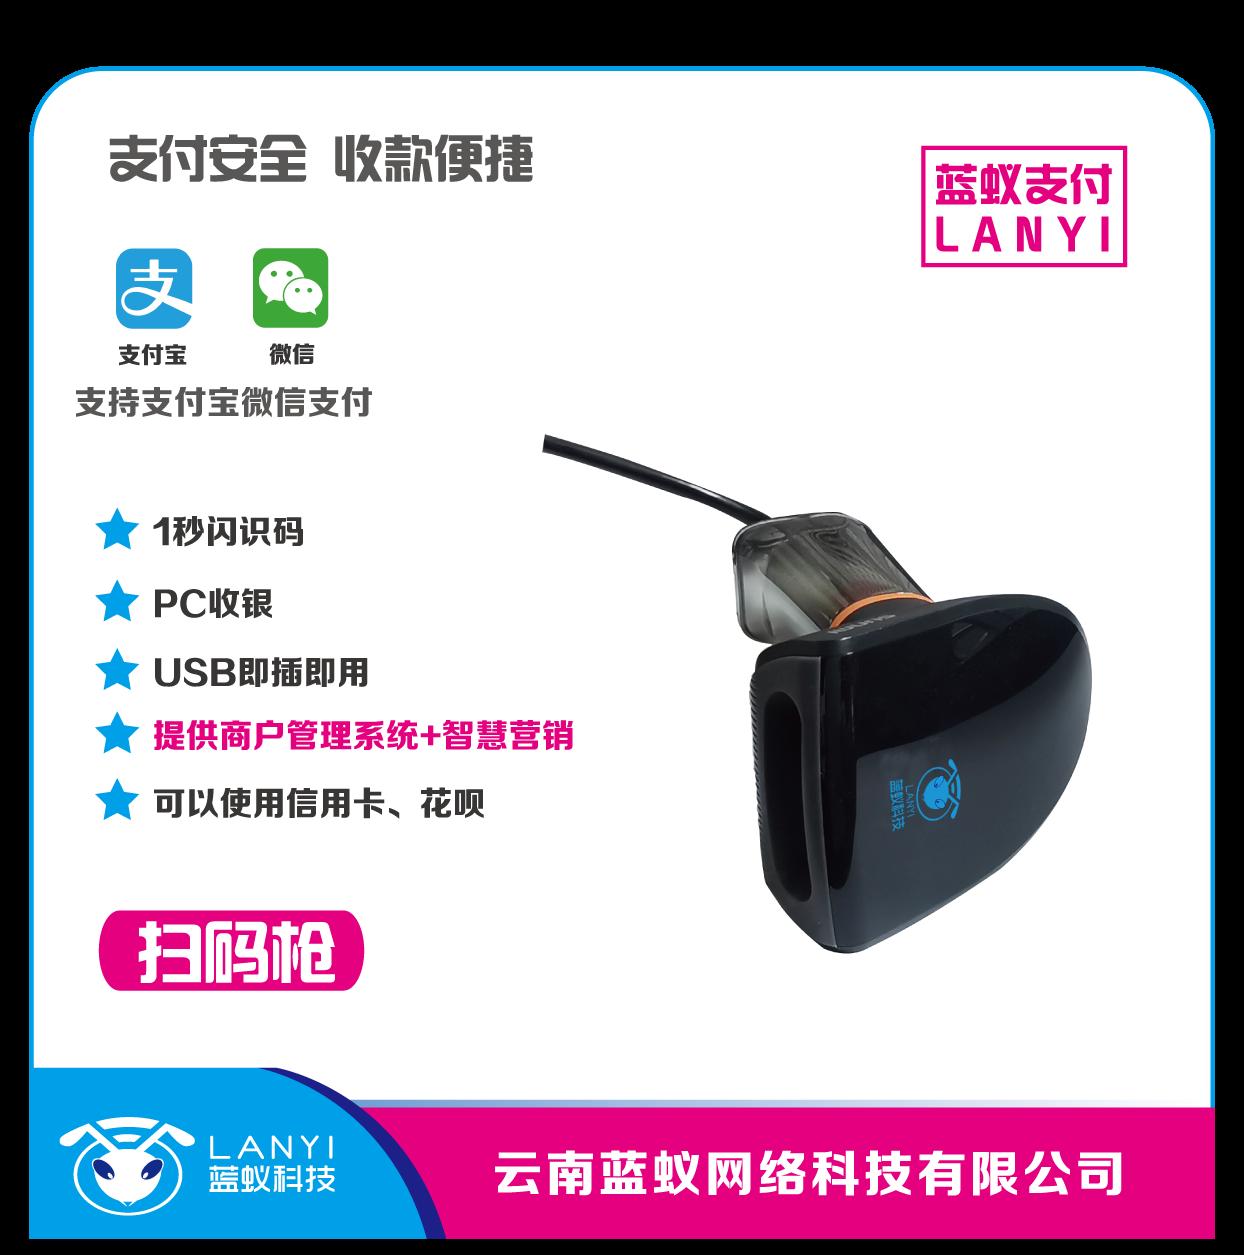 保山扫码支付代理 和谐共赢 云南蓝蚁网络科技供应